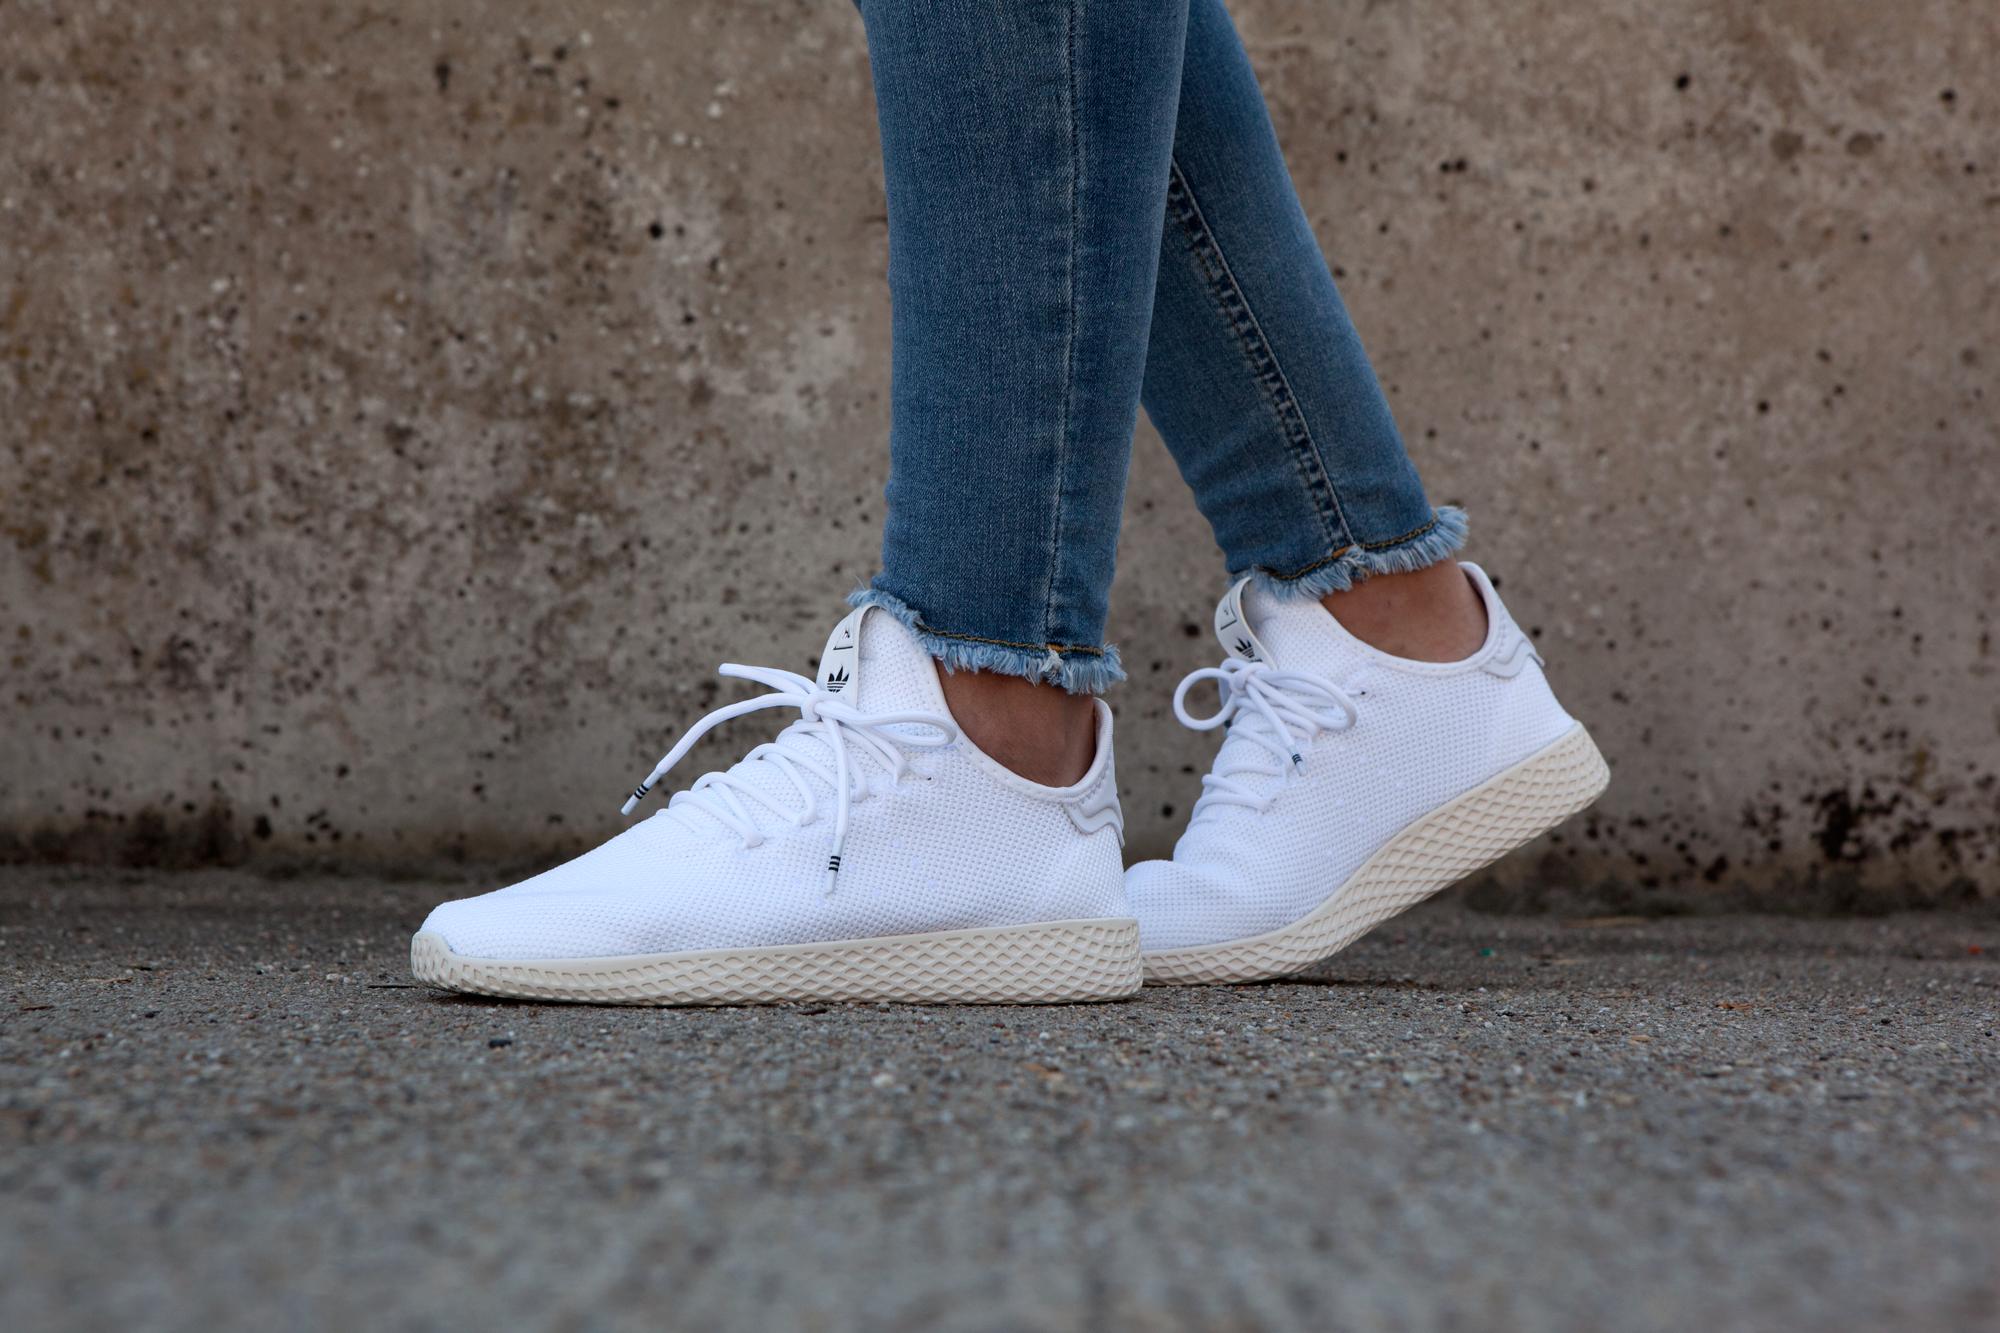 adidas Wit Dames | Zapatillas hombre moda, Zapatillas hombre ...